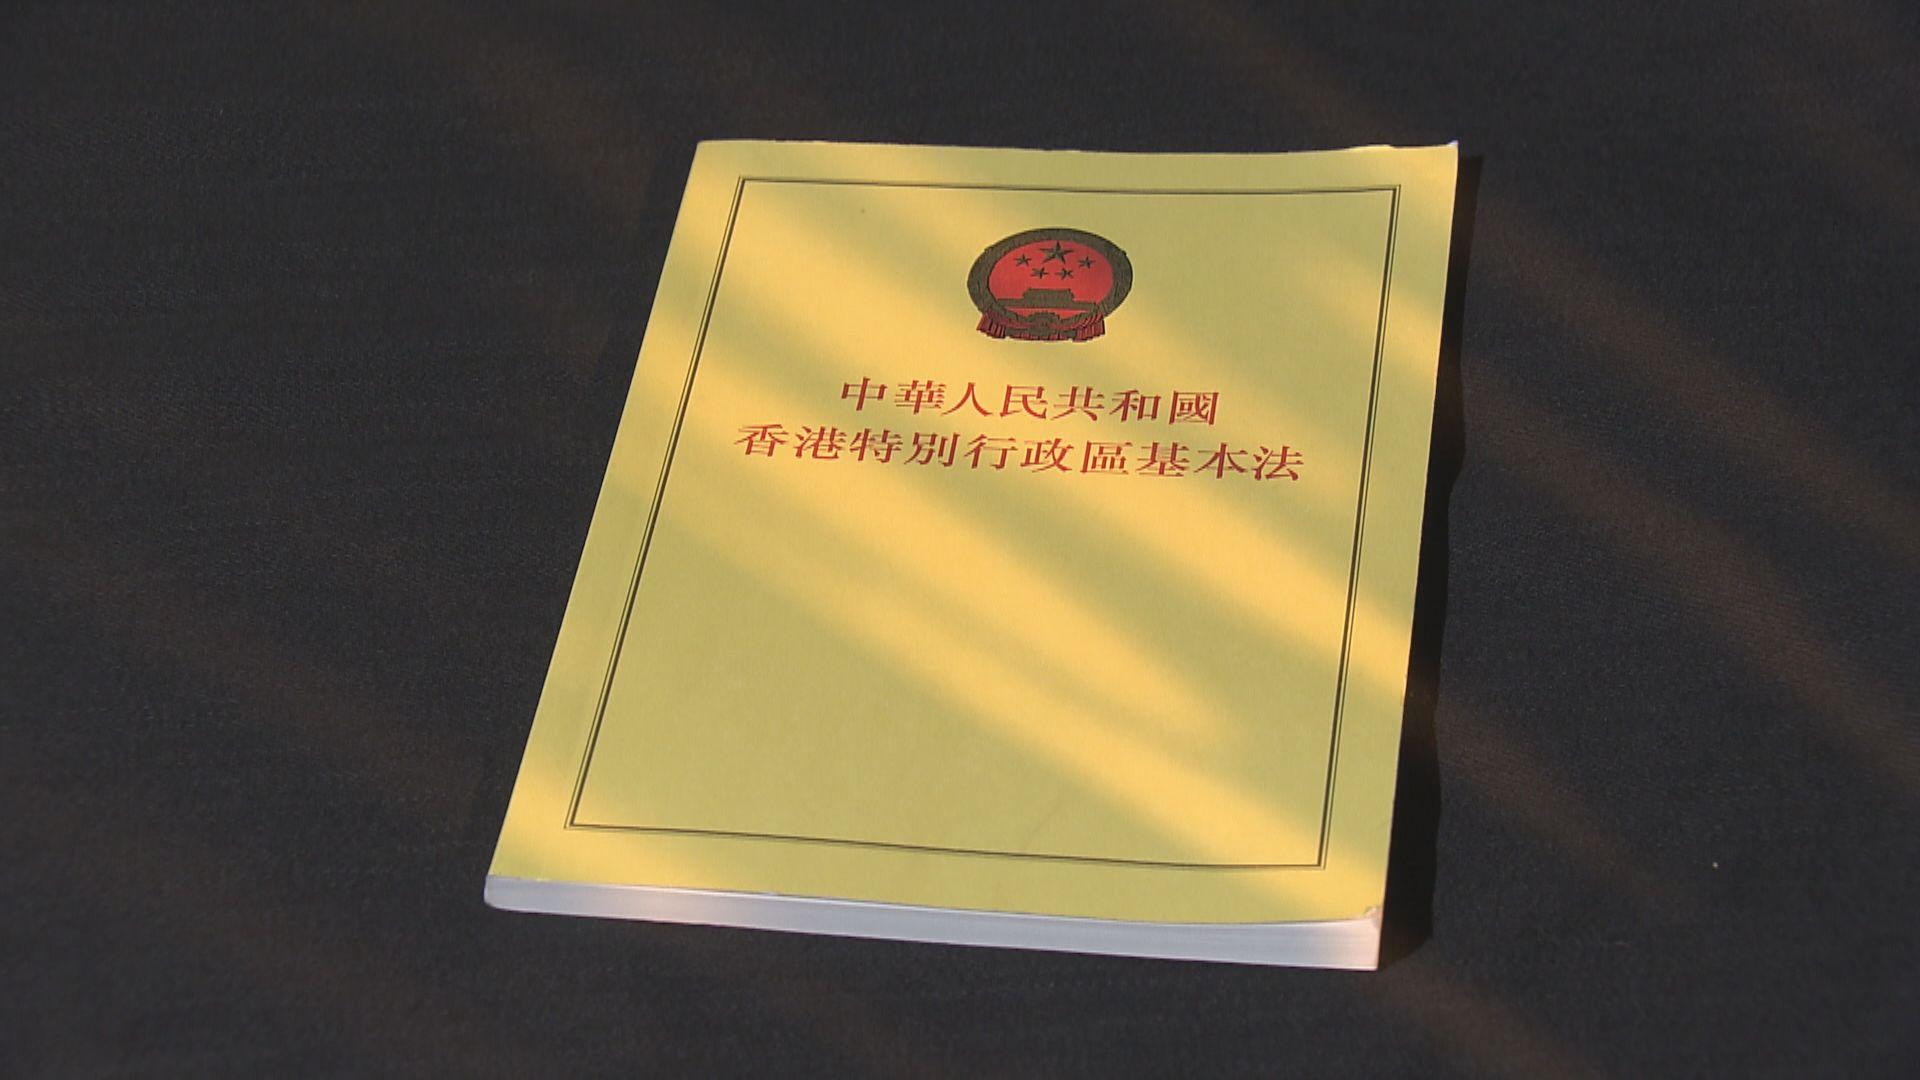 林鄭:基本法教育不足 公務員亦未必完全了解